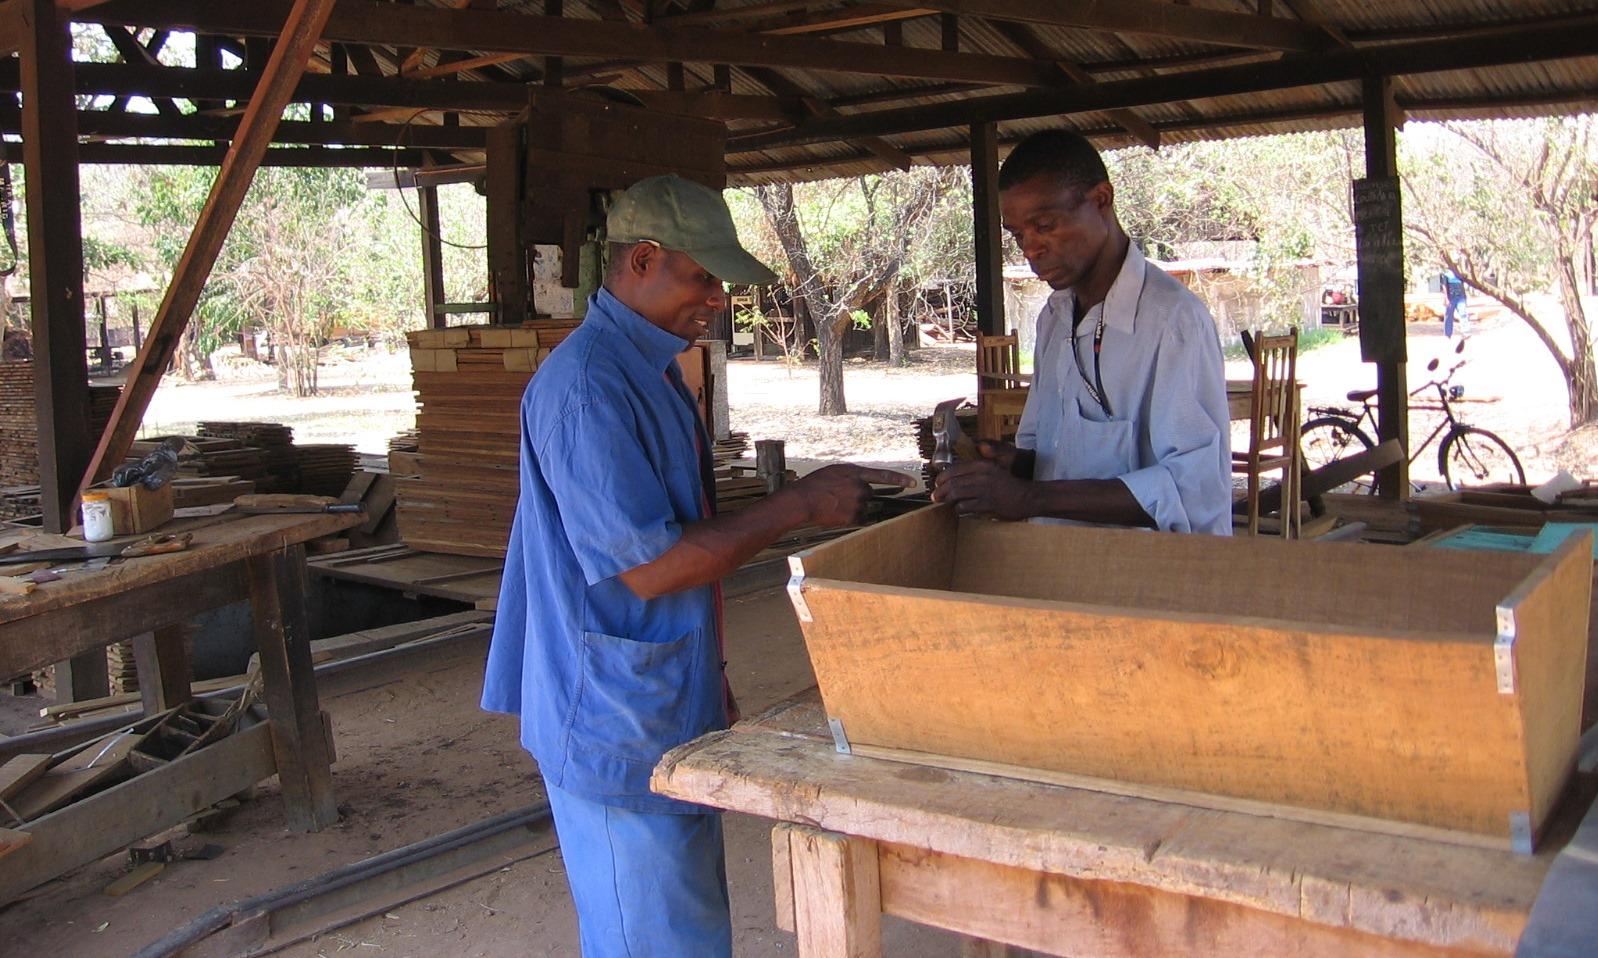 Todas   as colmeias são fabricadas a partir de Madeirade Moçambique - All hives are manufactured using Mozambican hardwood timbers